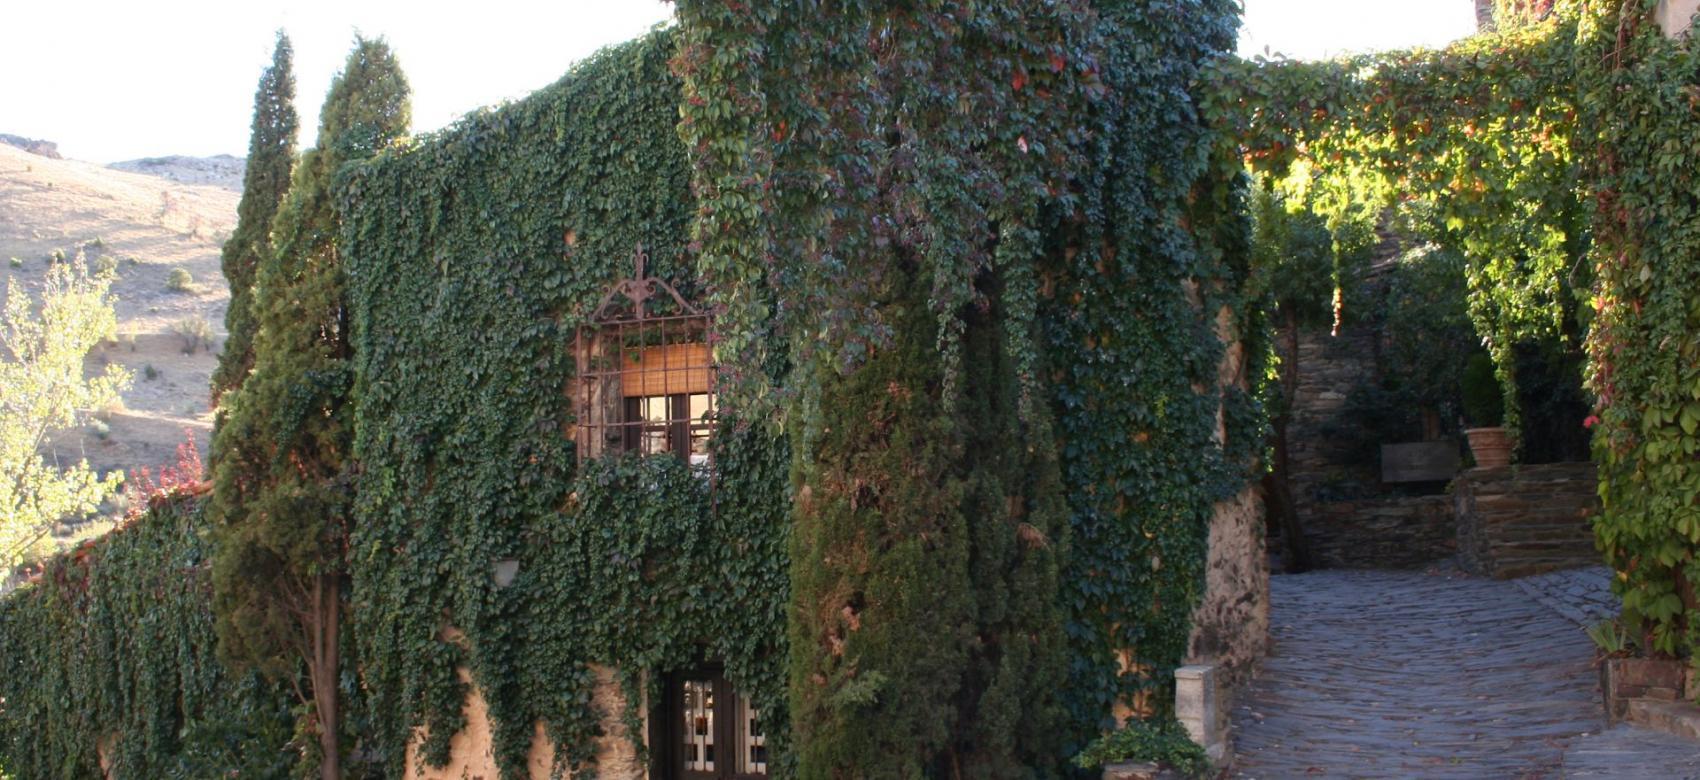 Casa típica de Patones